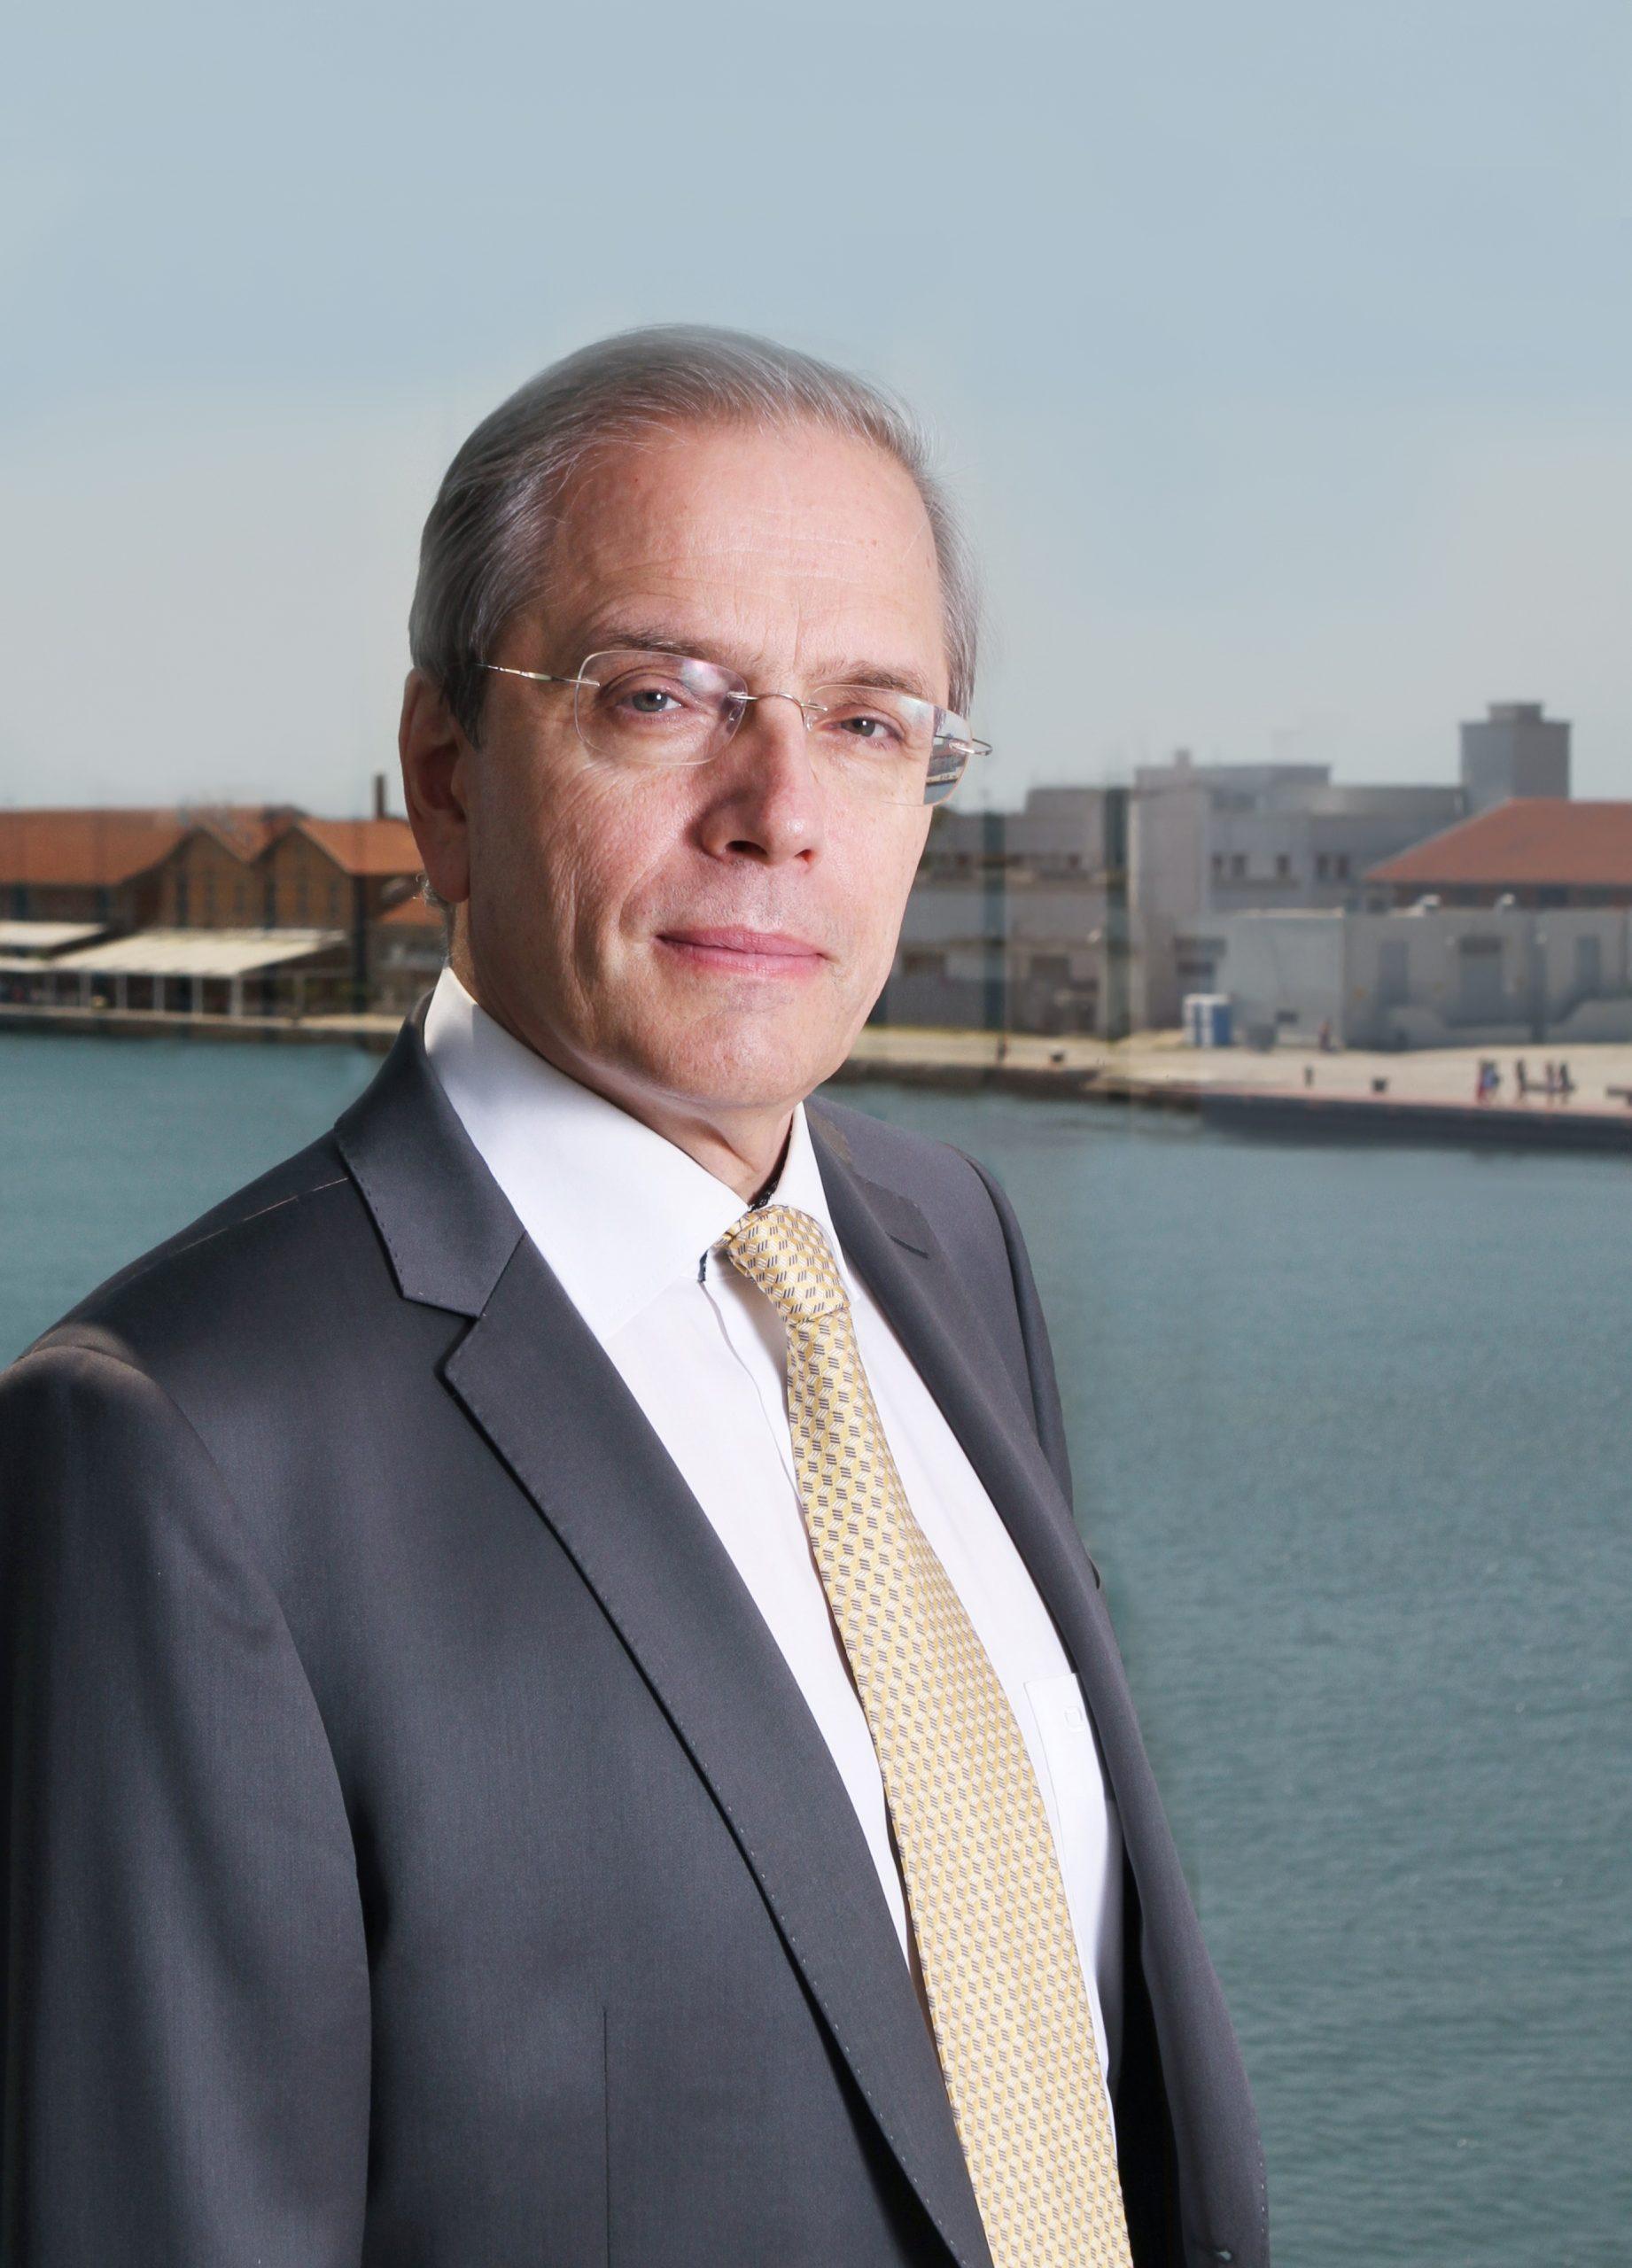 Banca pentru Comerț și Dezvoltare a Mării Negre (BSTDB) realocă 900 milioane euro către industriile afectate de criză